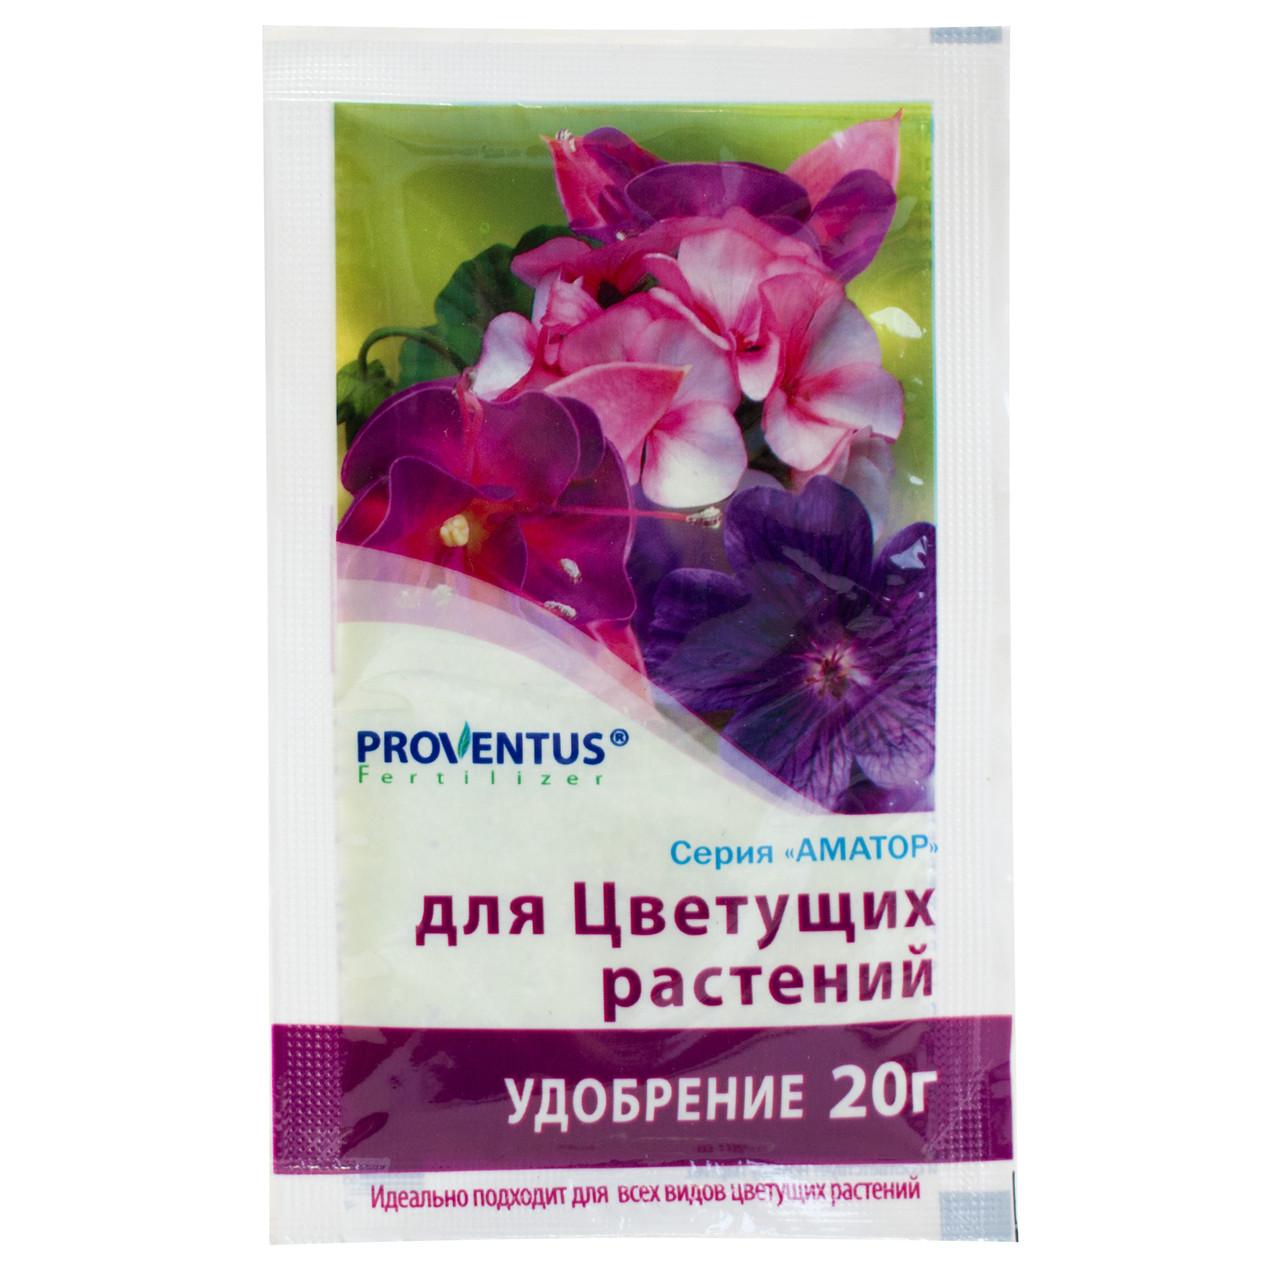 Удобрение Proventus для цветущих растений 20 г